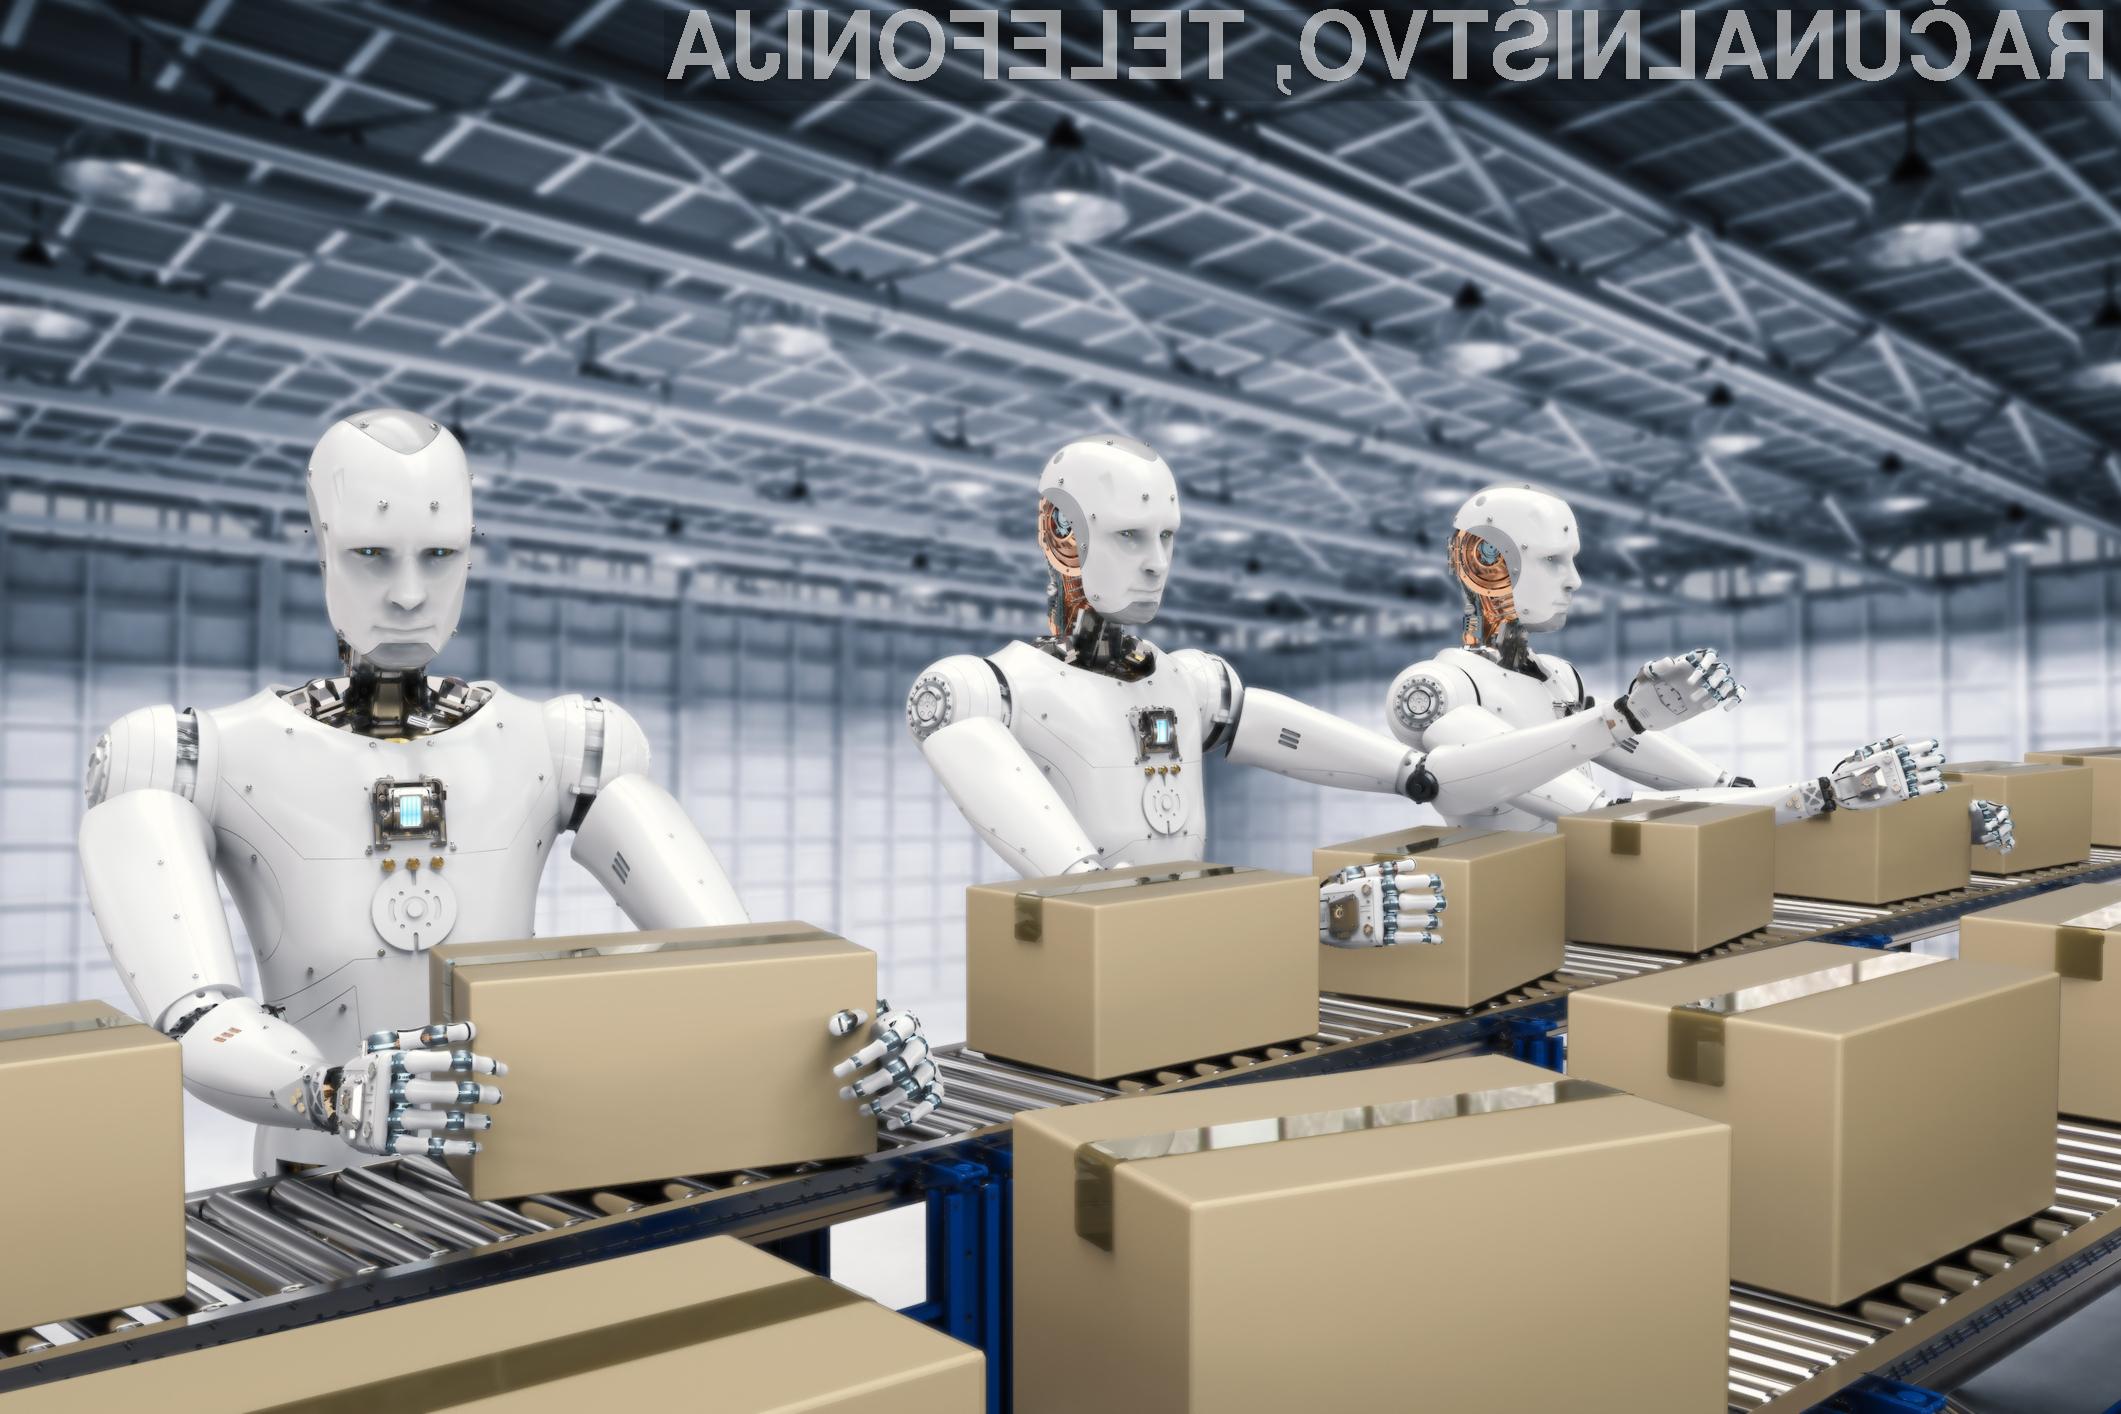 Stroji se že lahko naučijo dela zgolj z opazovanjem ljudi.